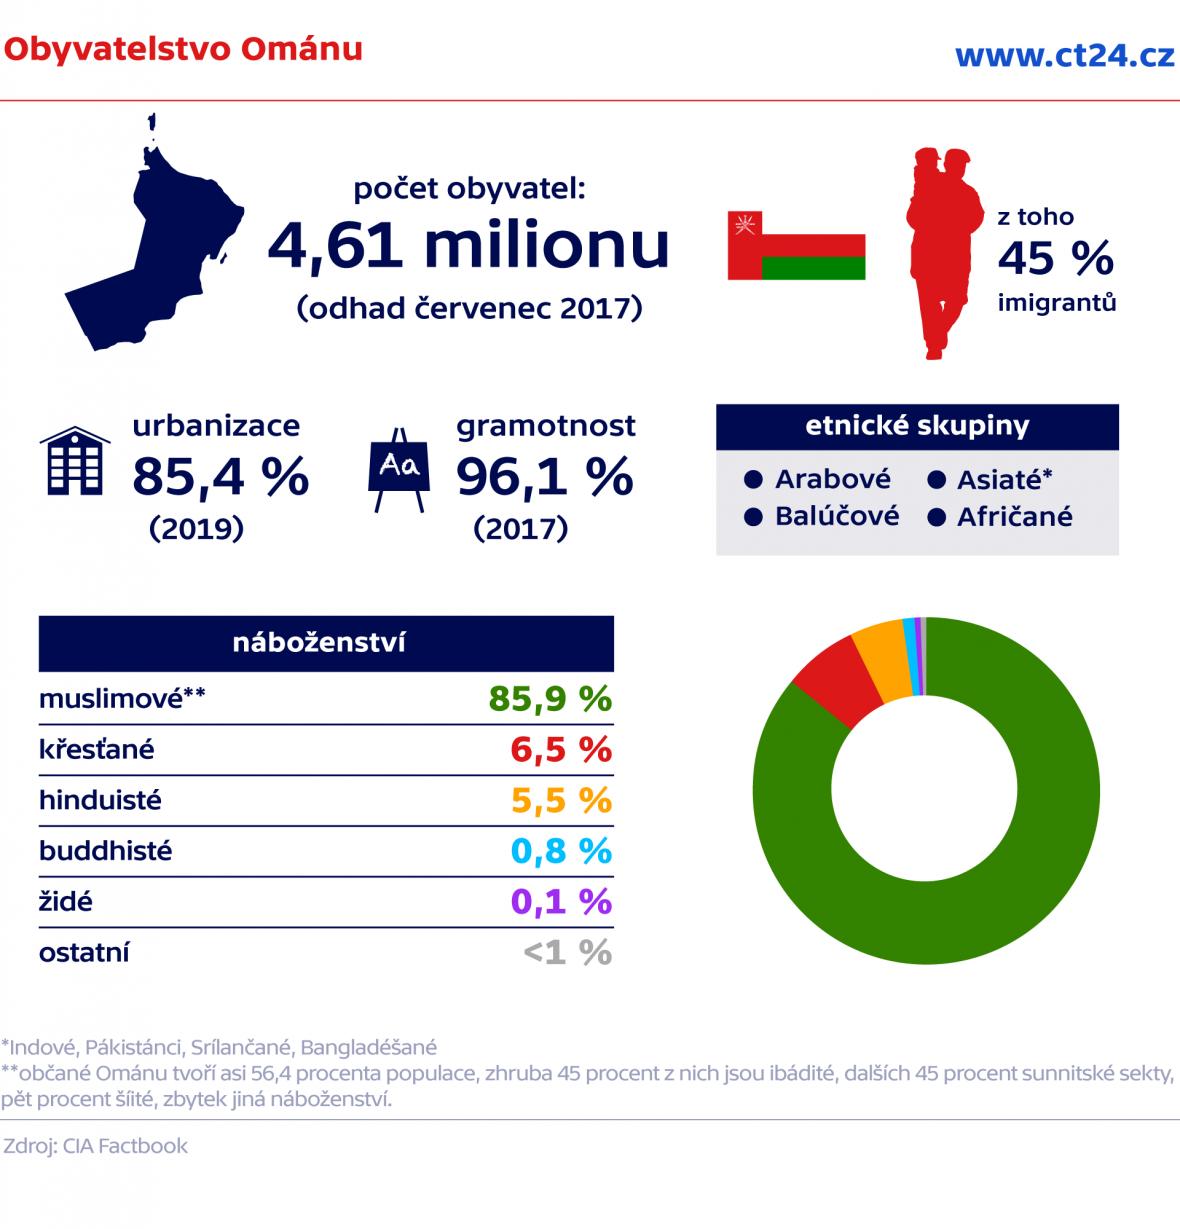 Obyvatelstvo Ománu